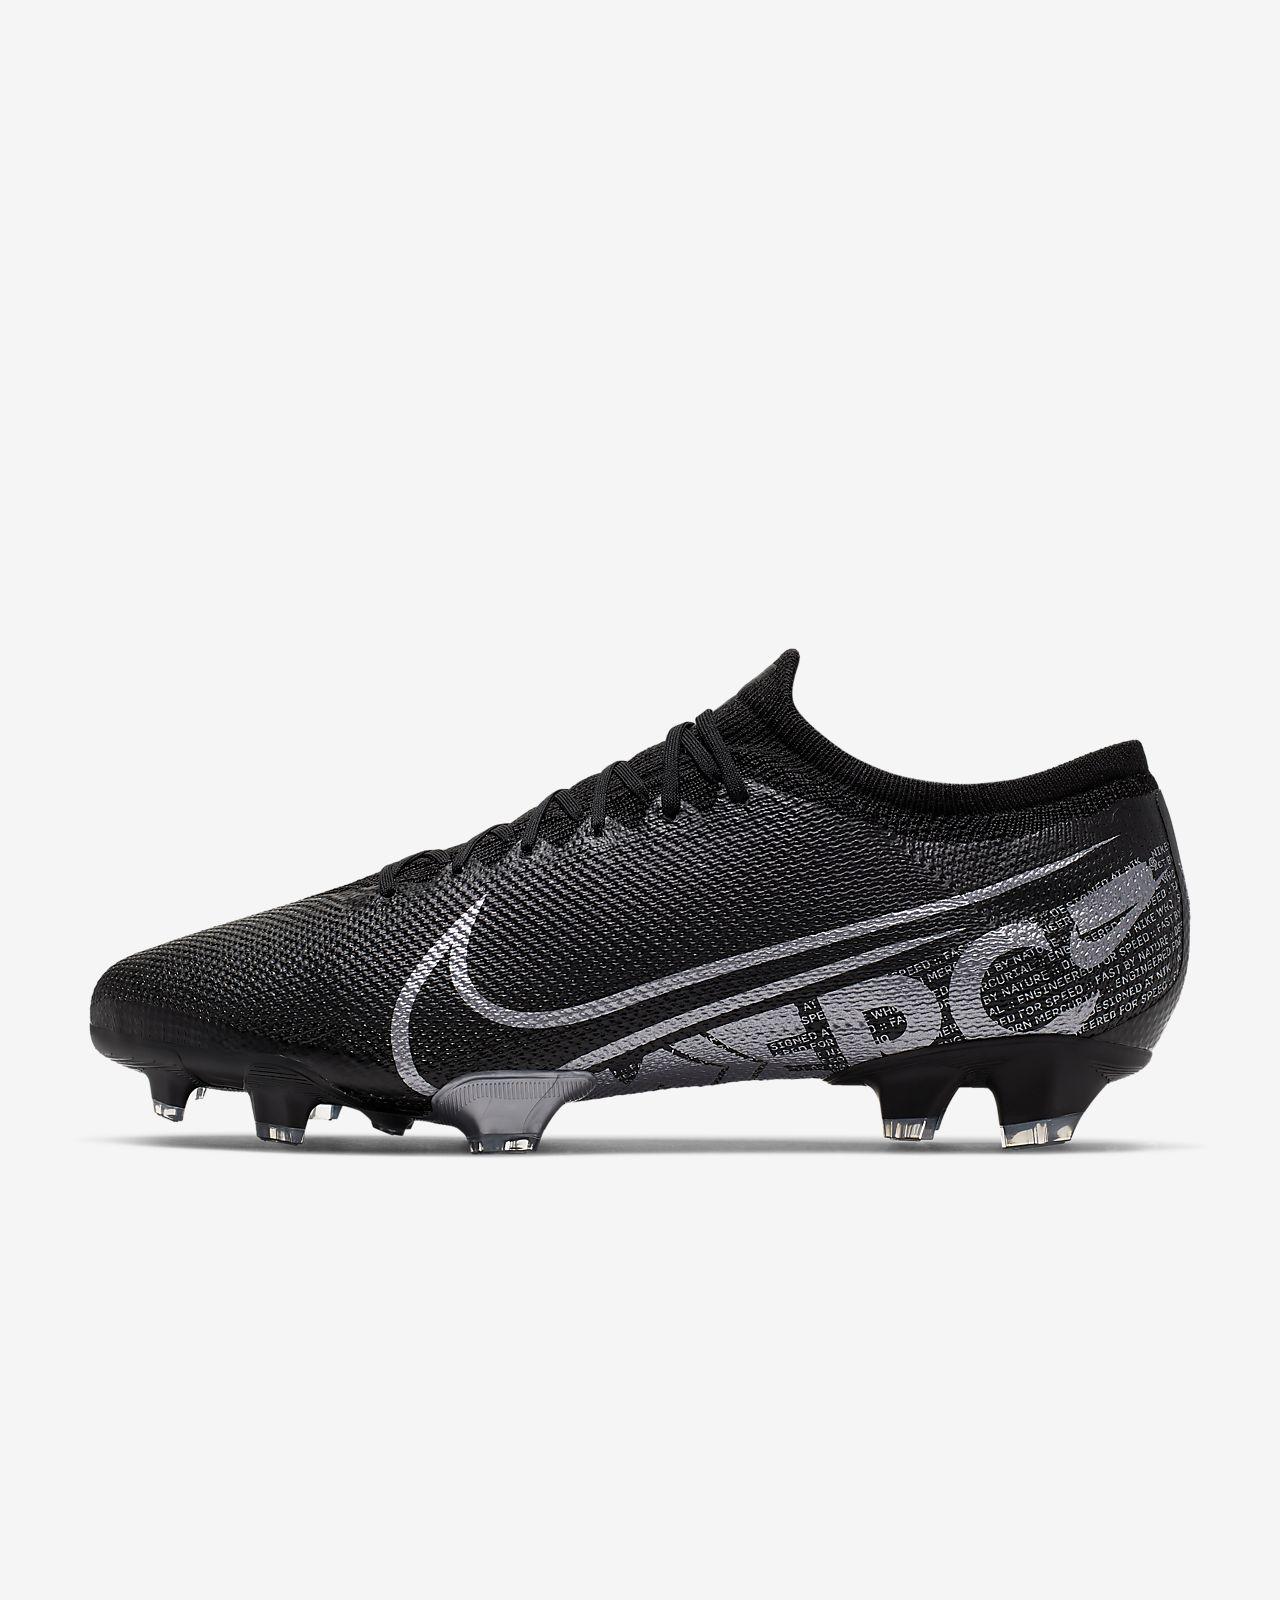 Nike Mercurial Vapor 13 Pro FG Botas de fútbol para terreno firme